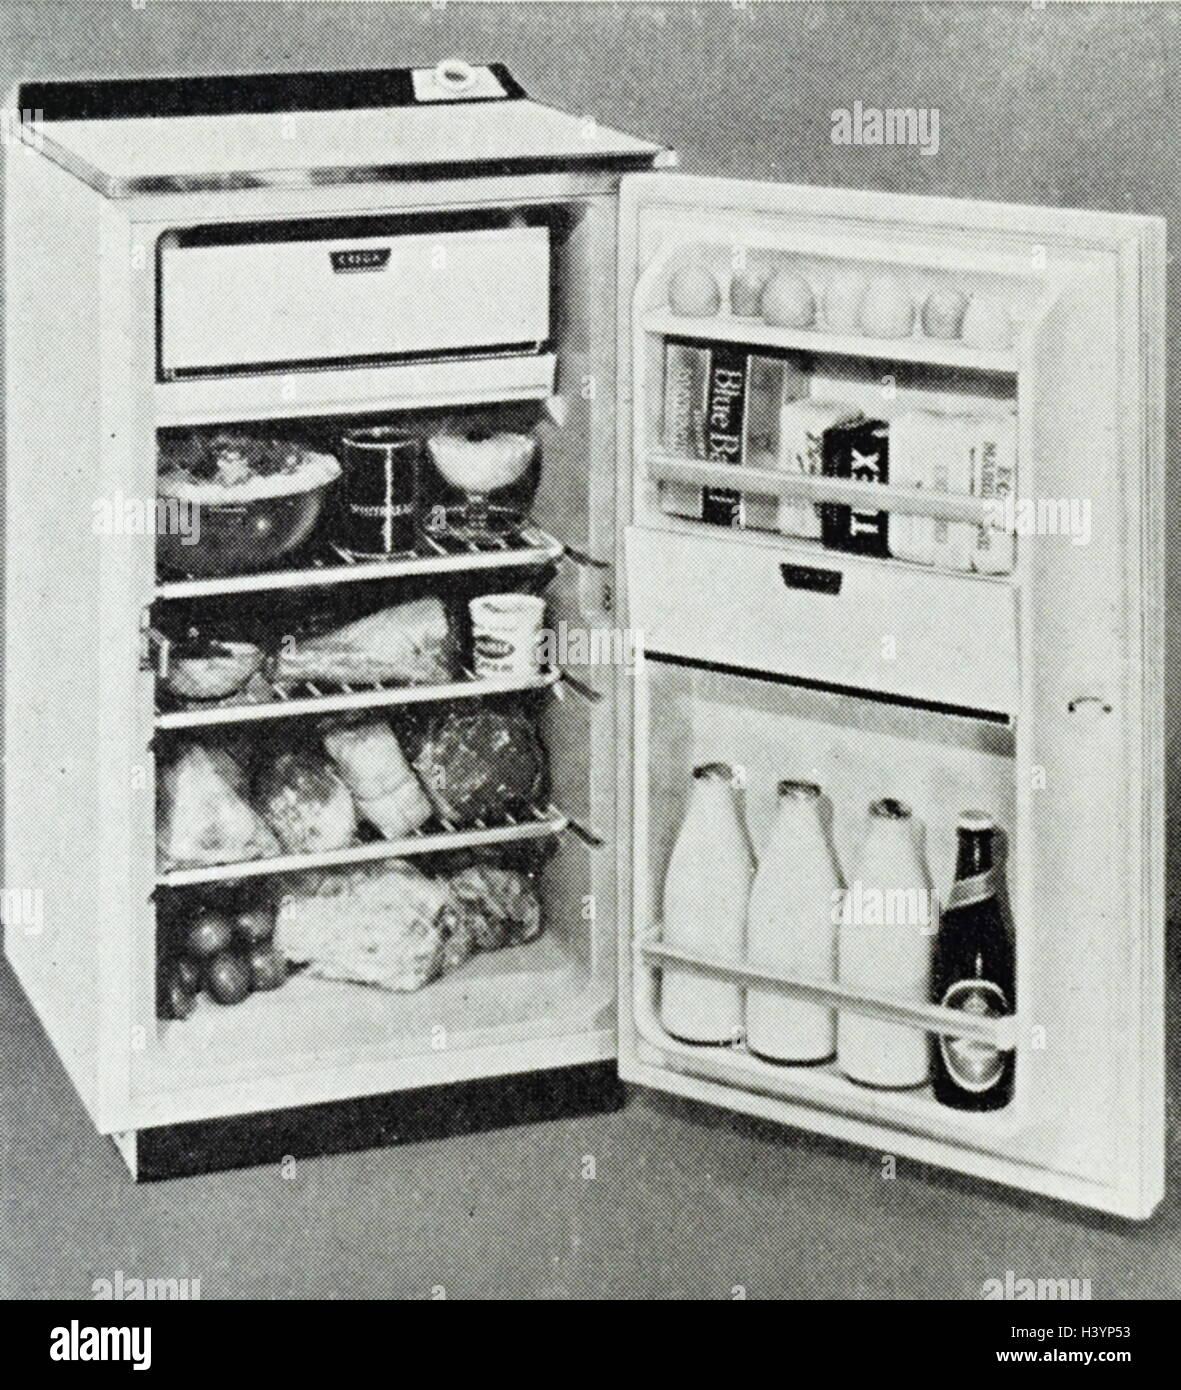 Ein typischer voller Breite der 1960er Jahre Kühlschrank. Vom 20 ...